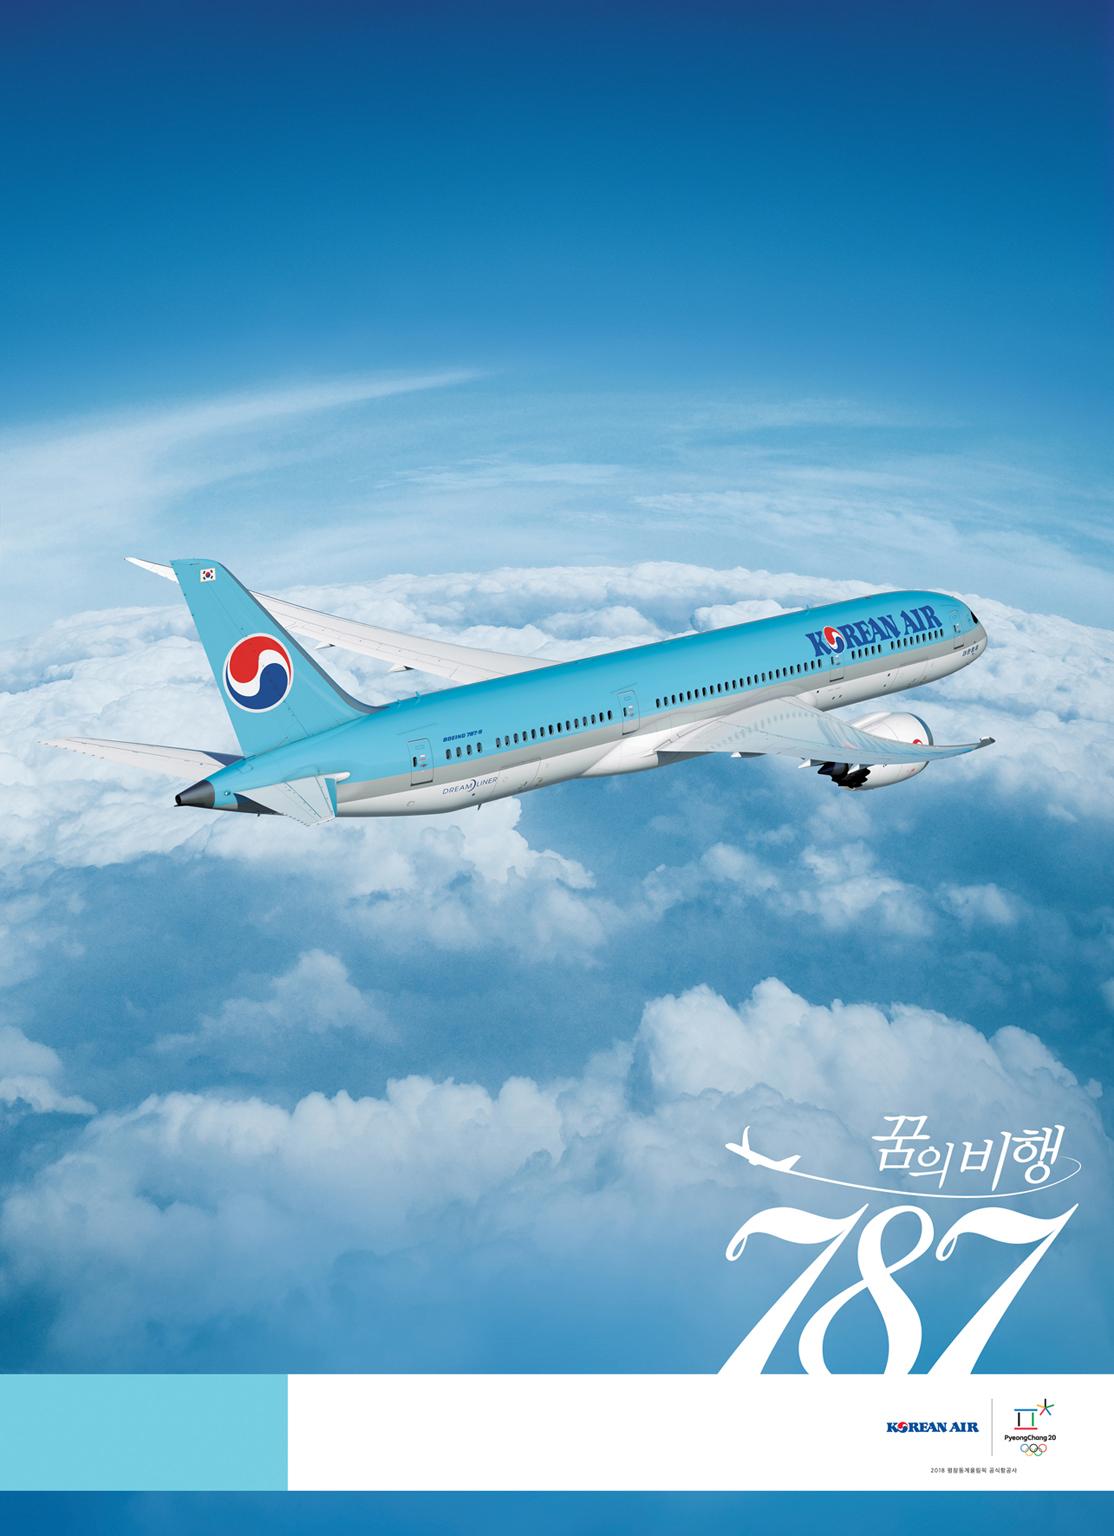 대한한공 787